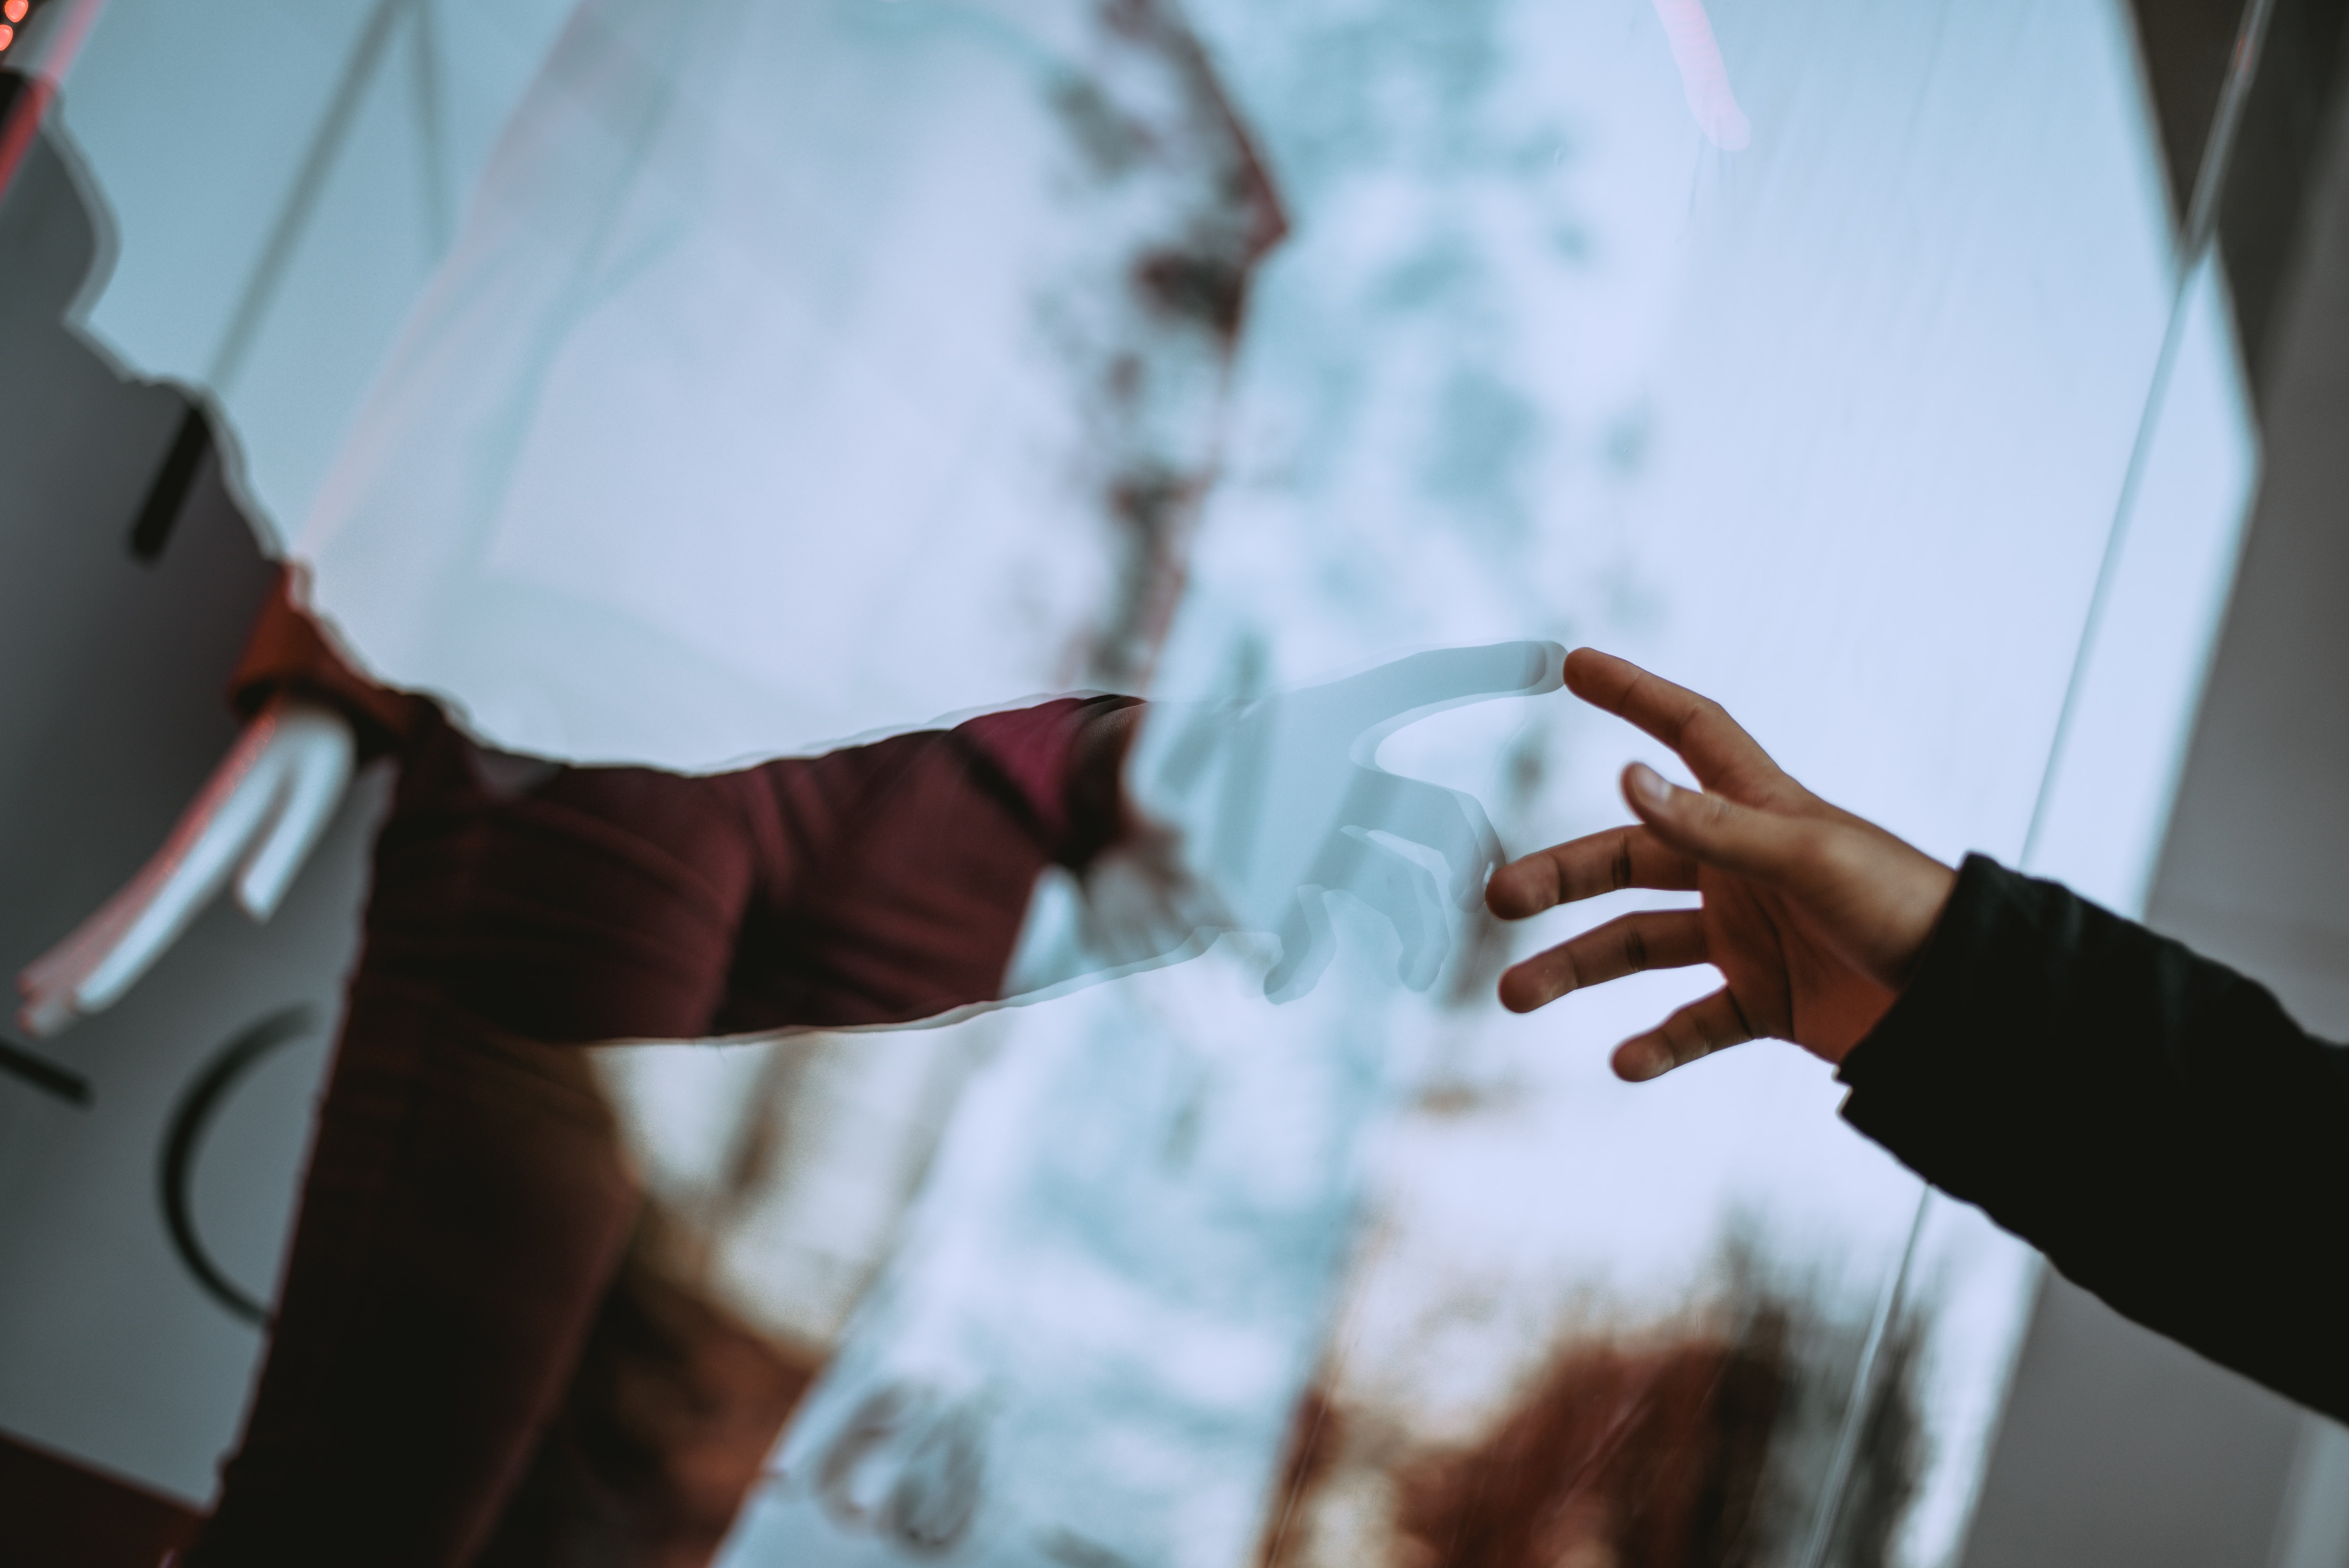 Zwiększanie świadomości i dostrzeganie szczegółów przedmiotów w otoczeniu – autyzm, scenariusz zajęć rewalidacyjnych